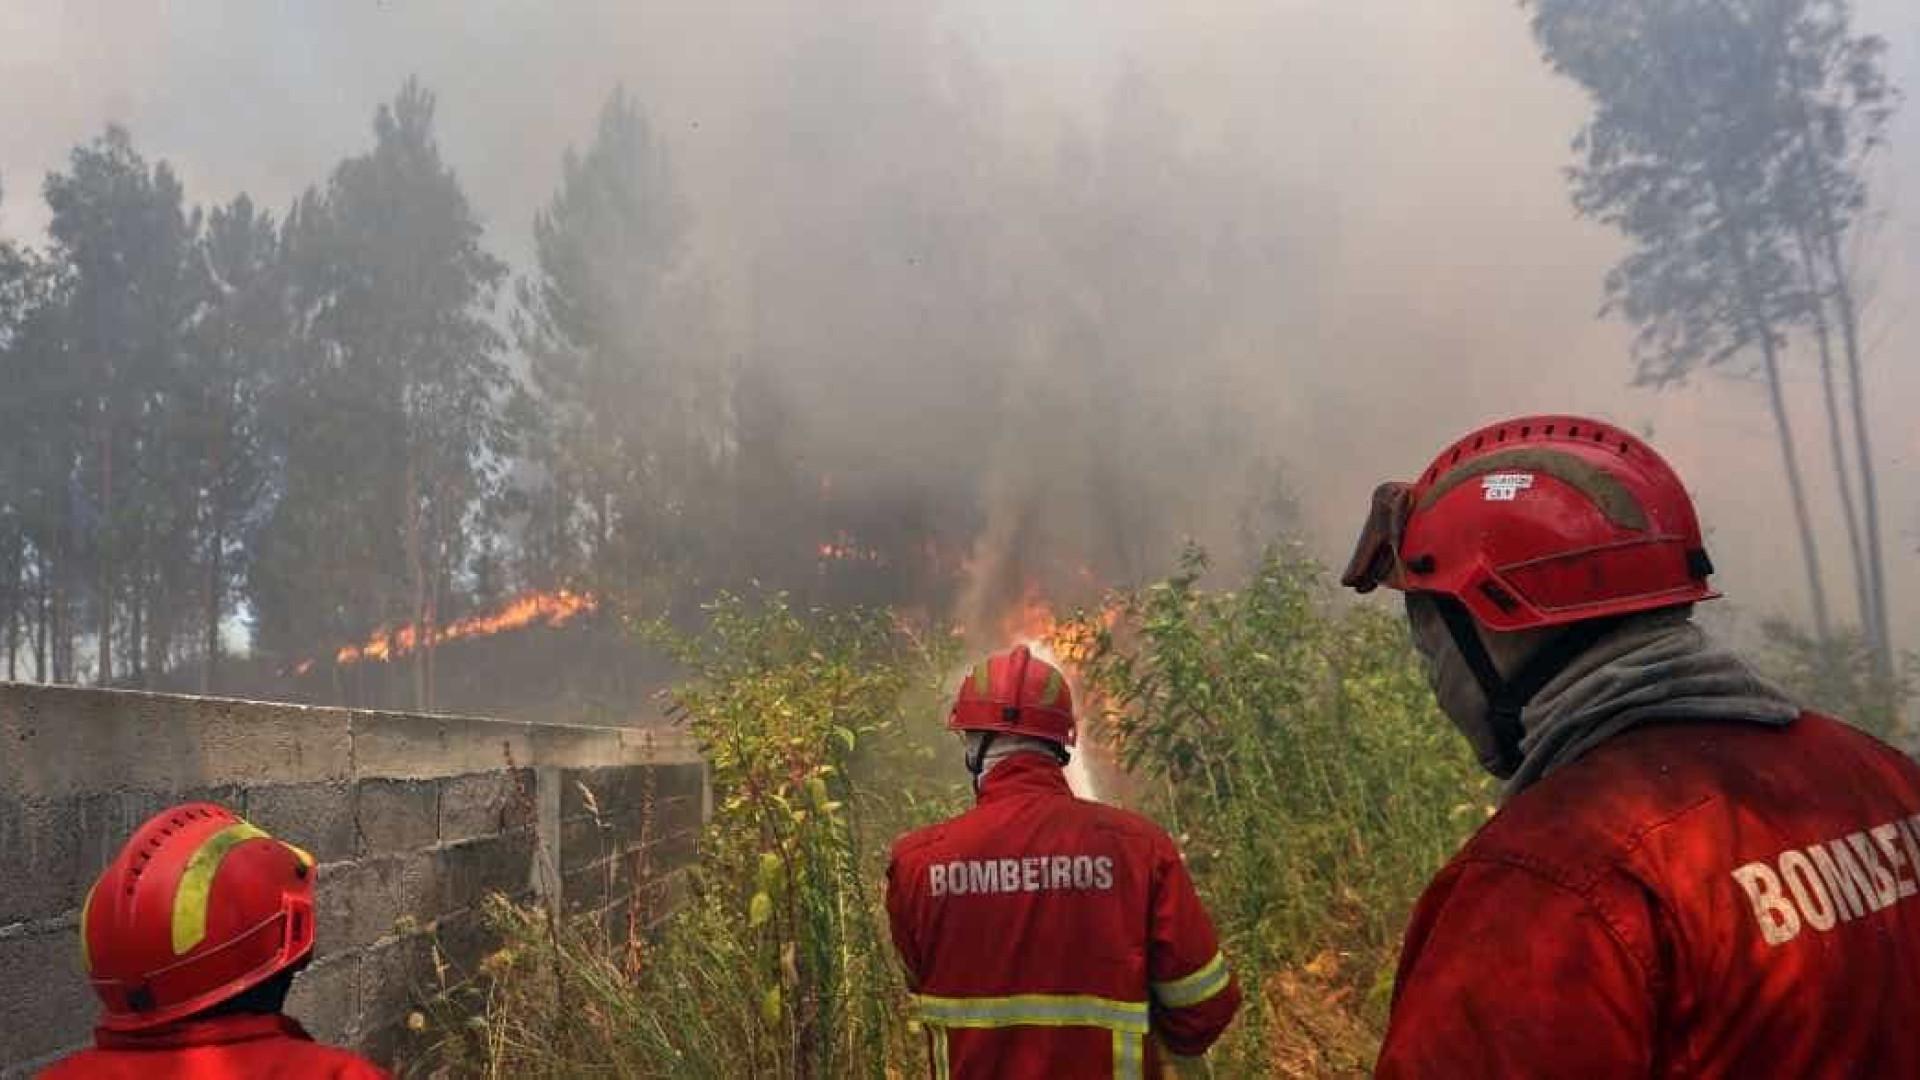 Liga apela à doação de água, fruta e barras energéticas para bombeiros